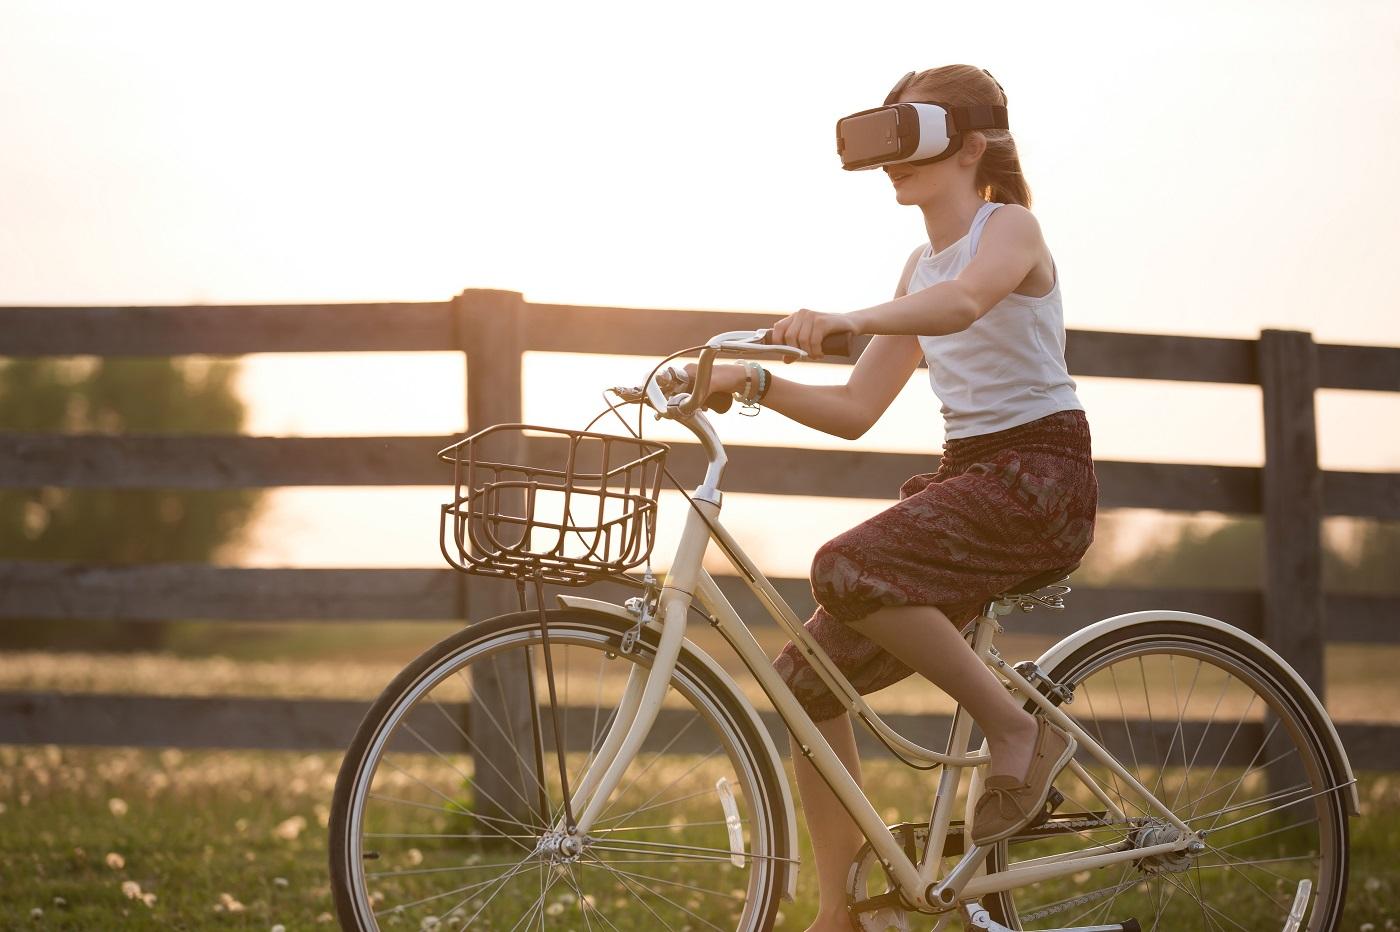 réalité virtuelle sport